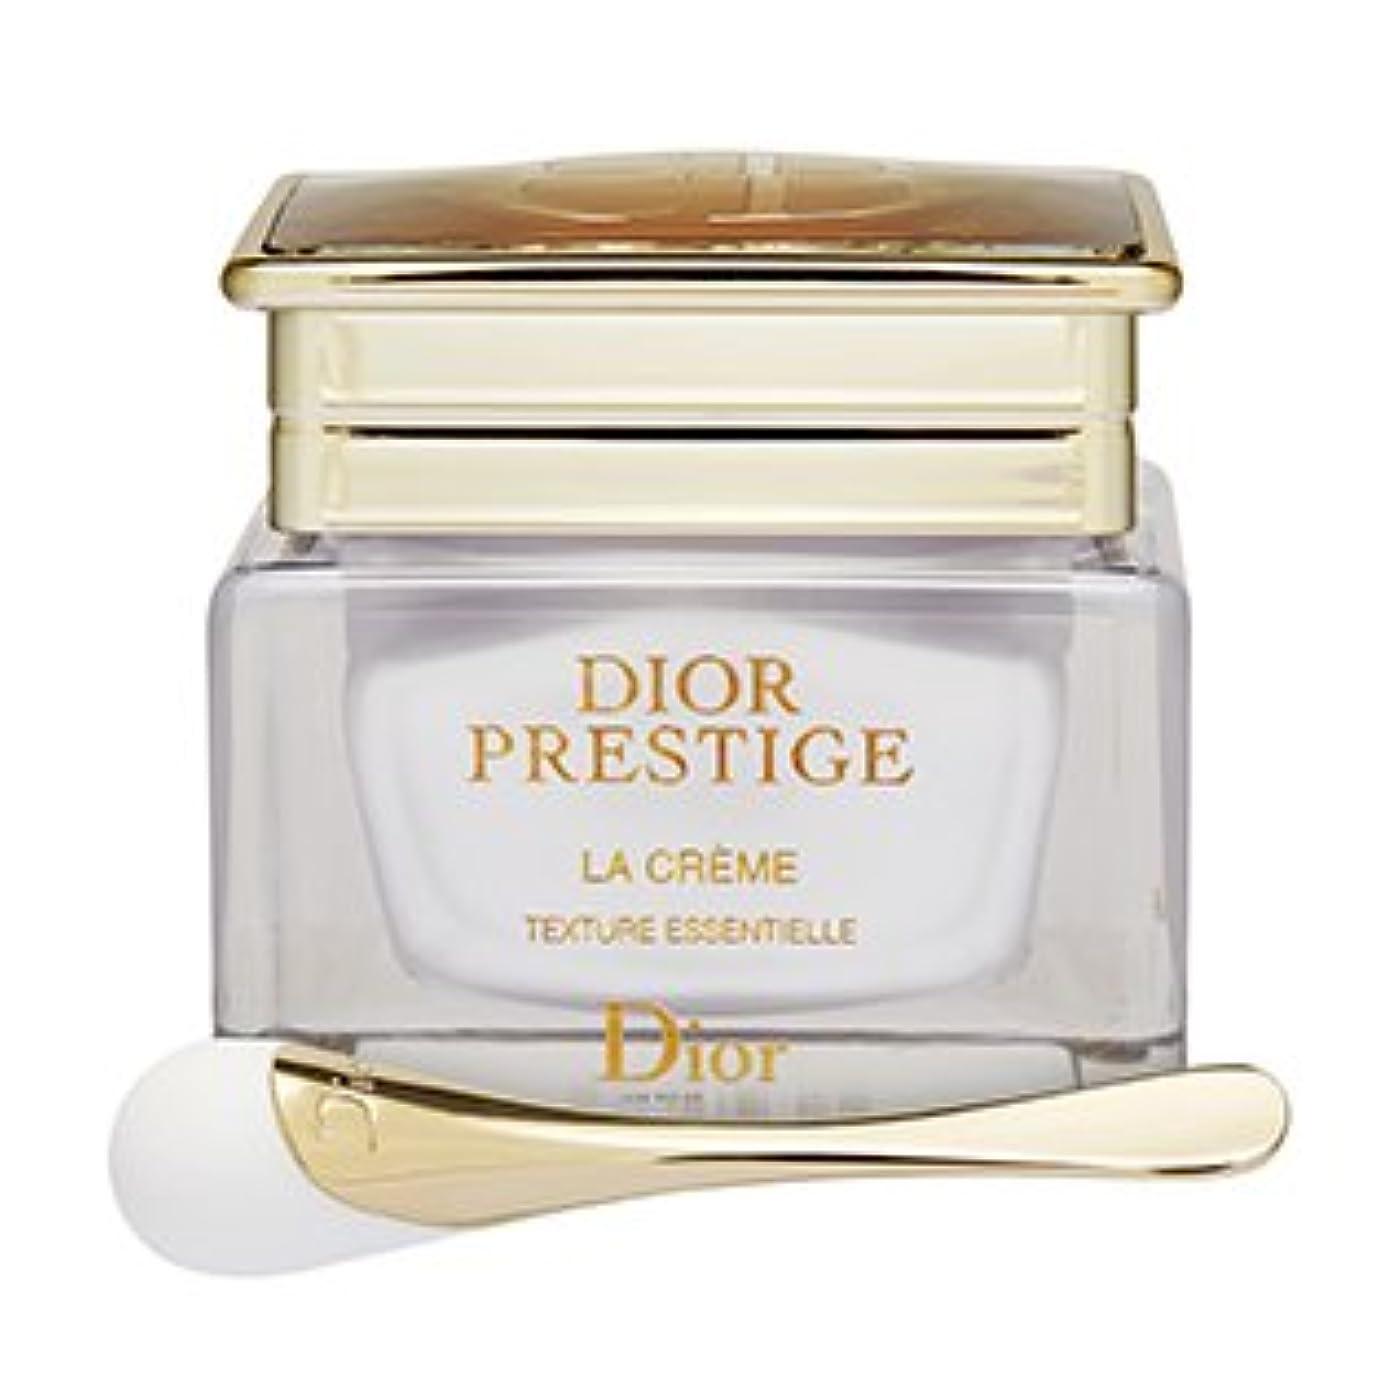 乱す絶壁国旗ディオール(Dior) プレステージ ラ クレーム - 極上のテクスチャー [並行輸入品]